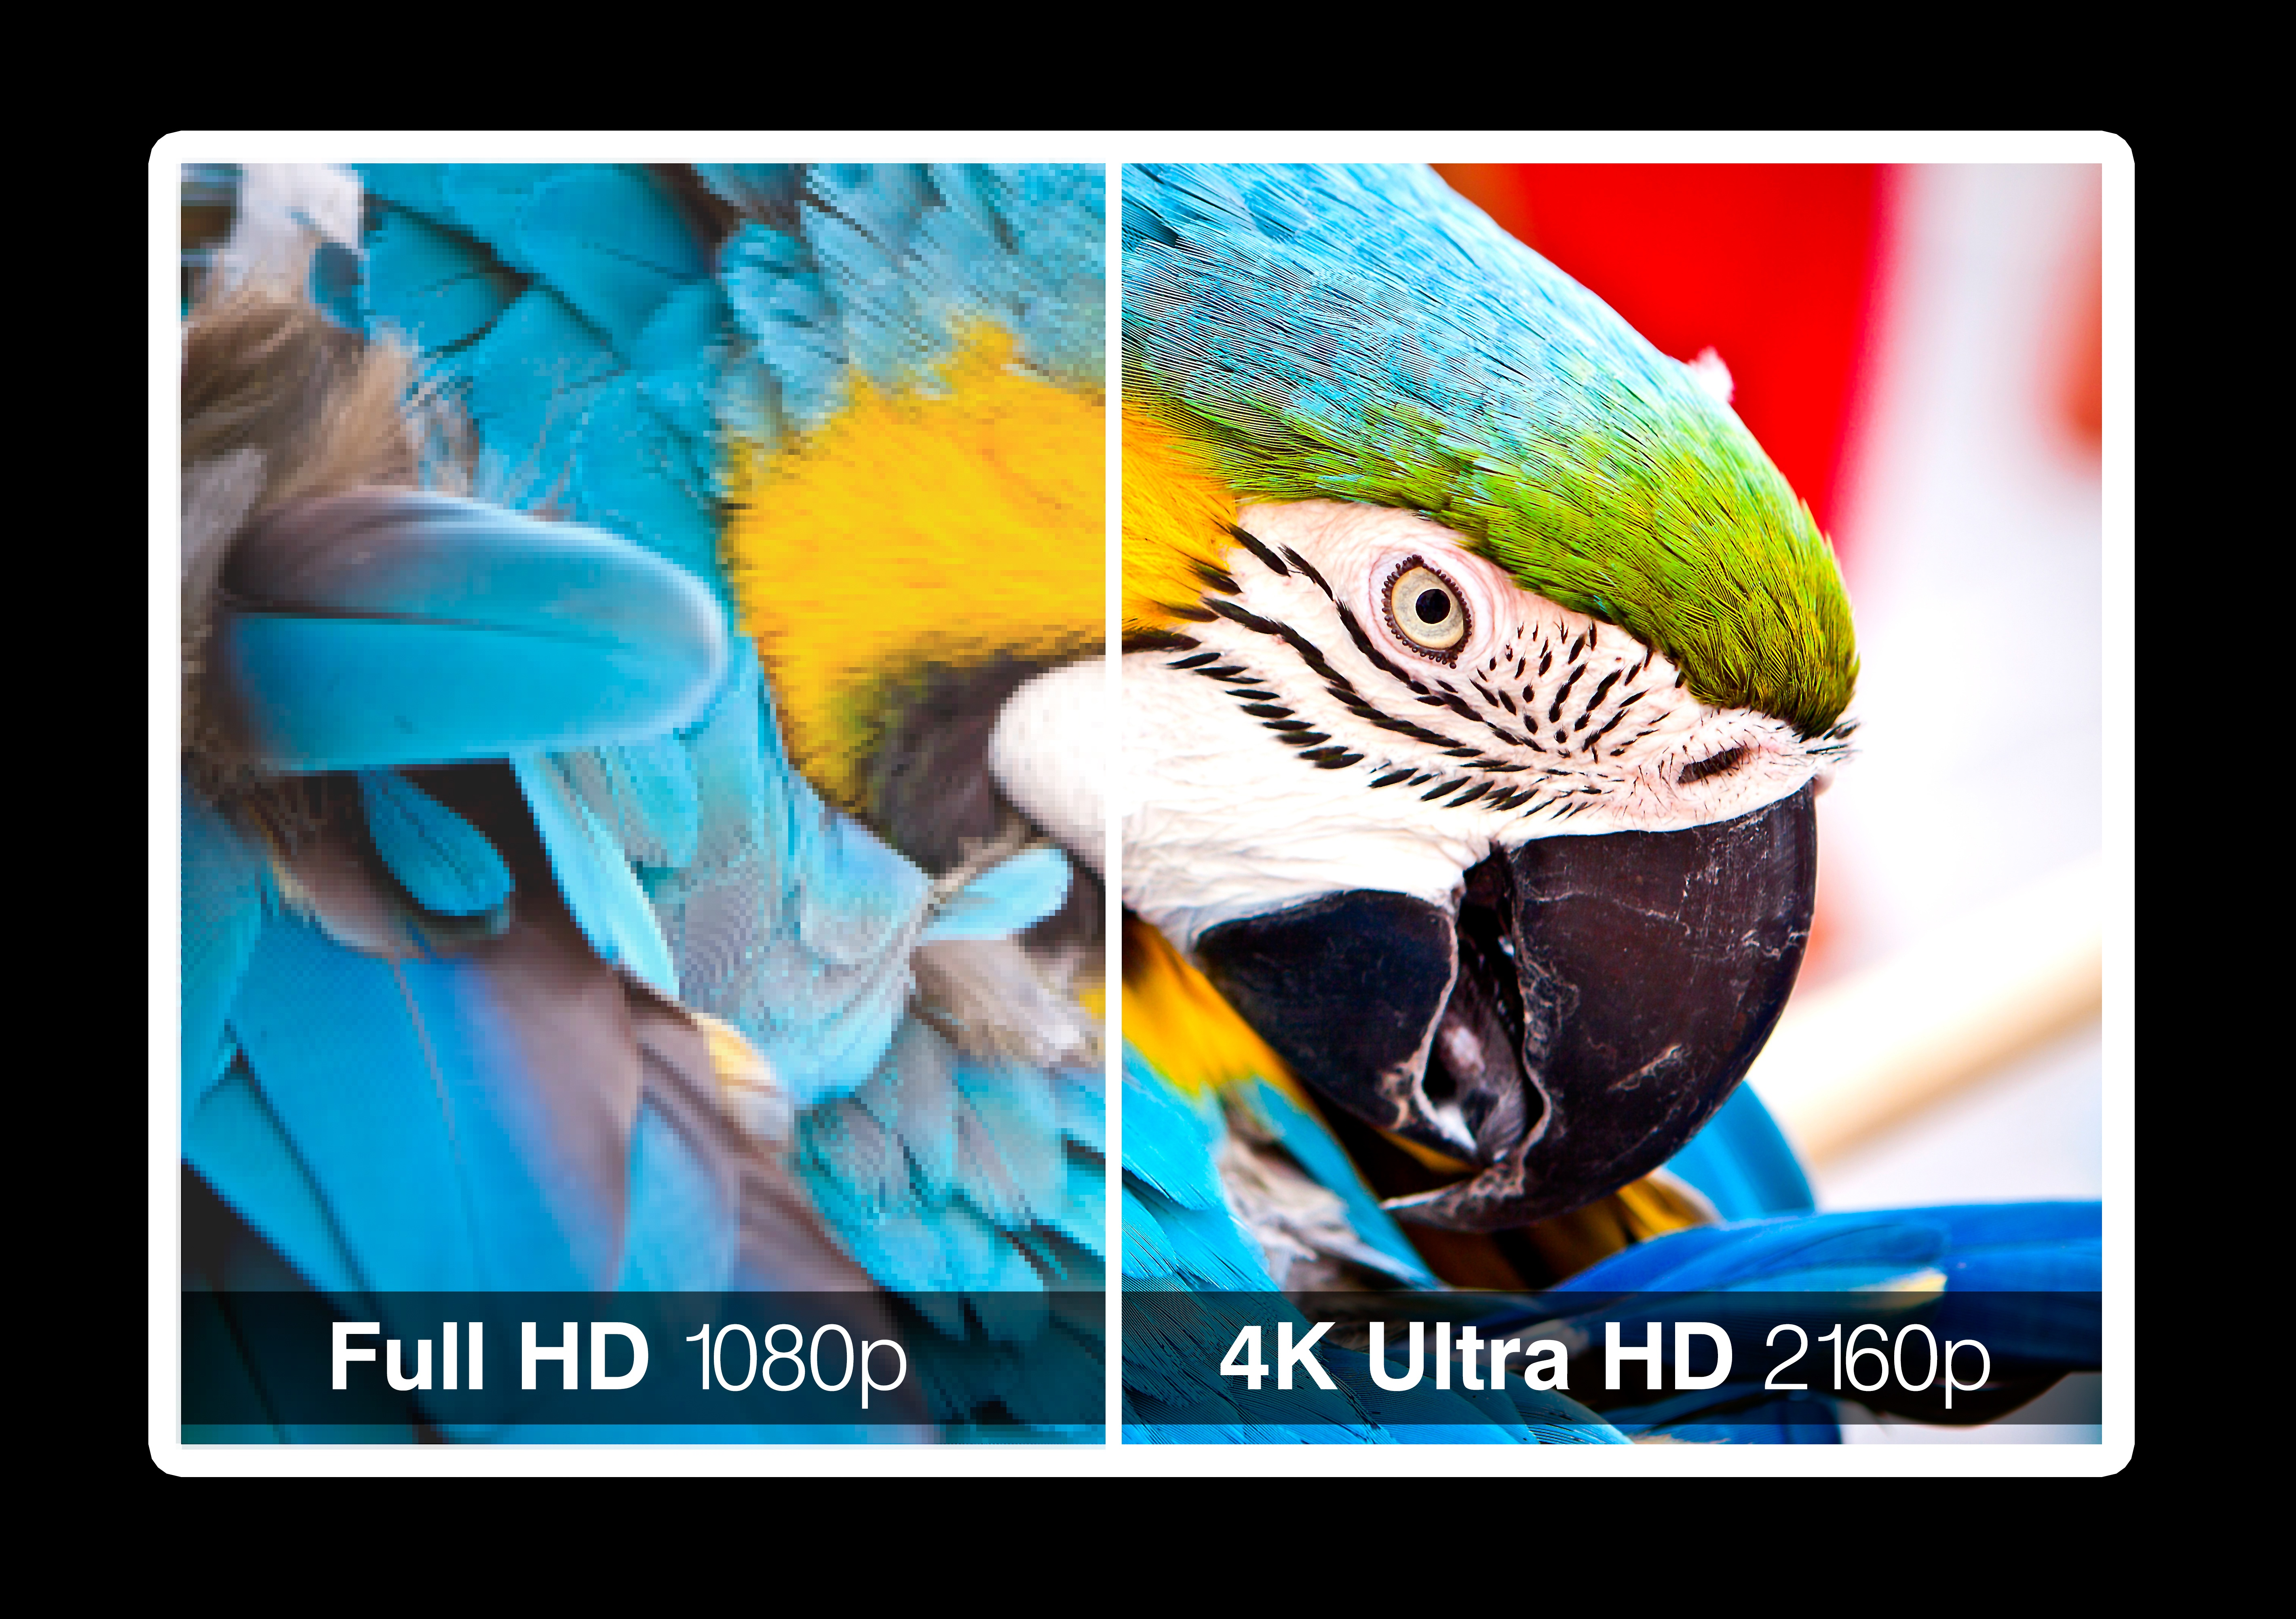 Bilde av en blå papegøye i full HD  og 4K